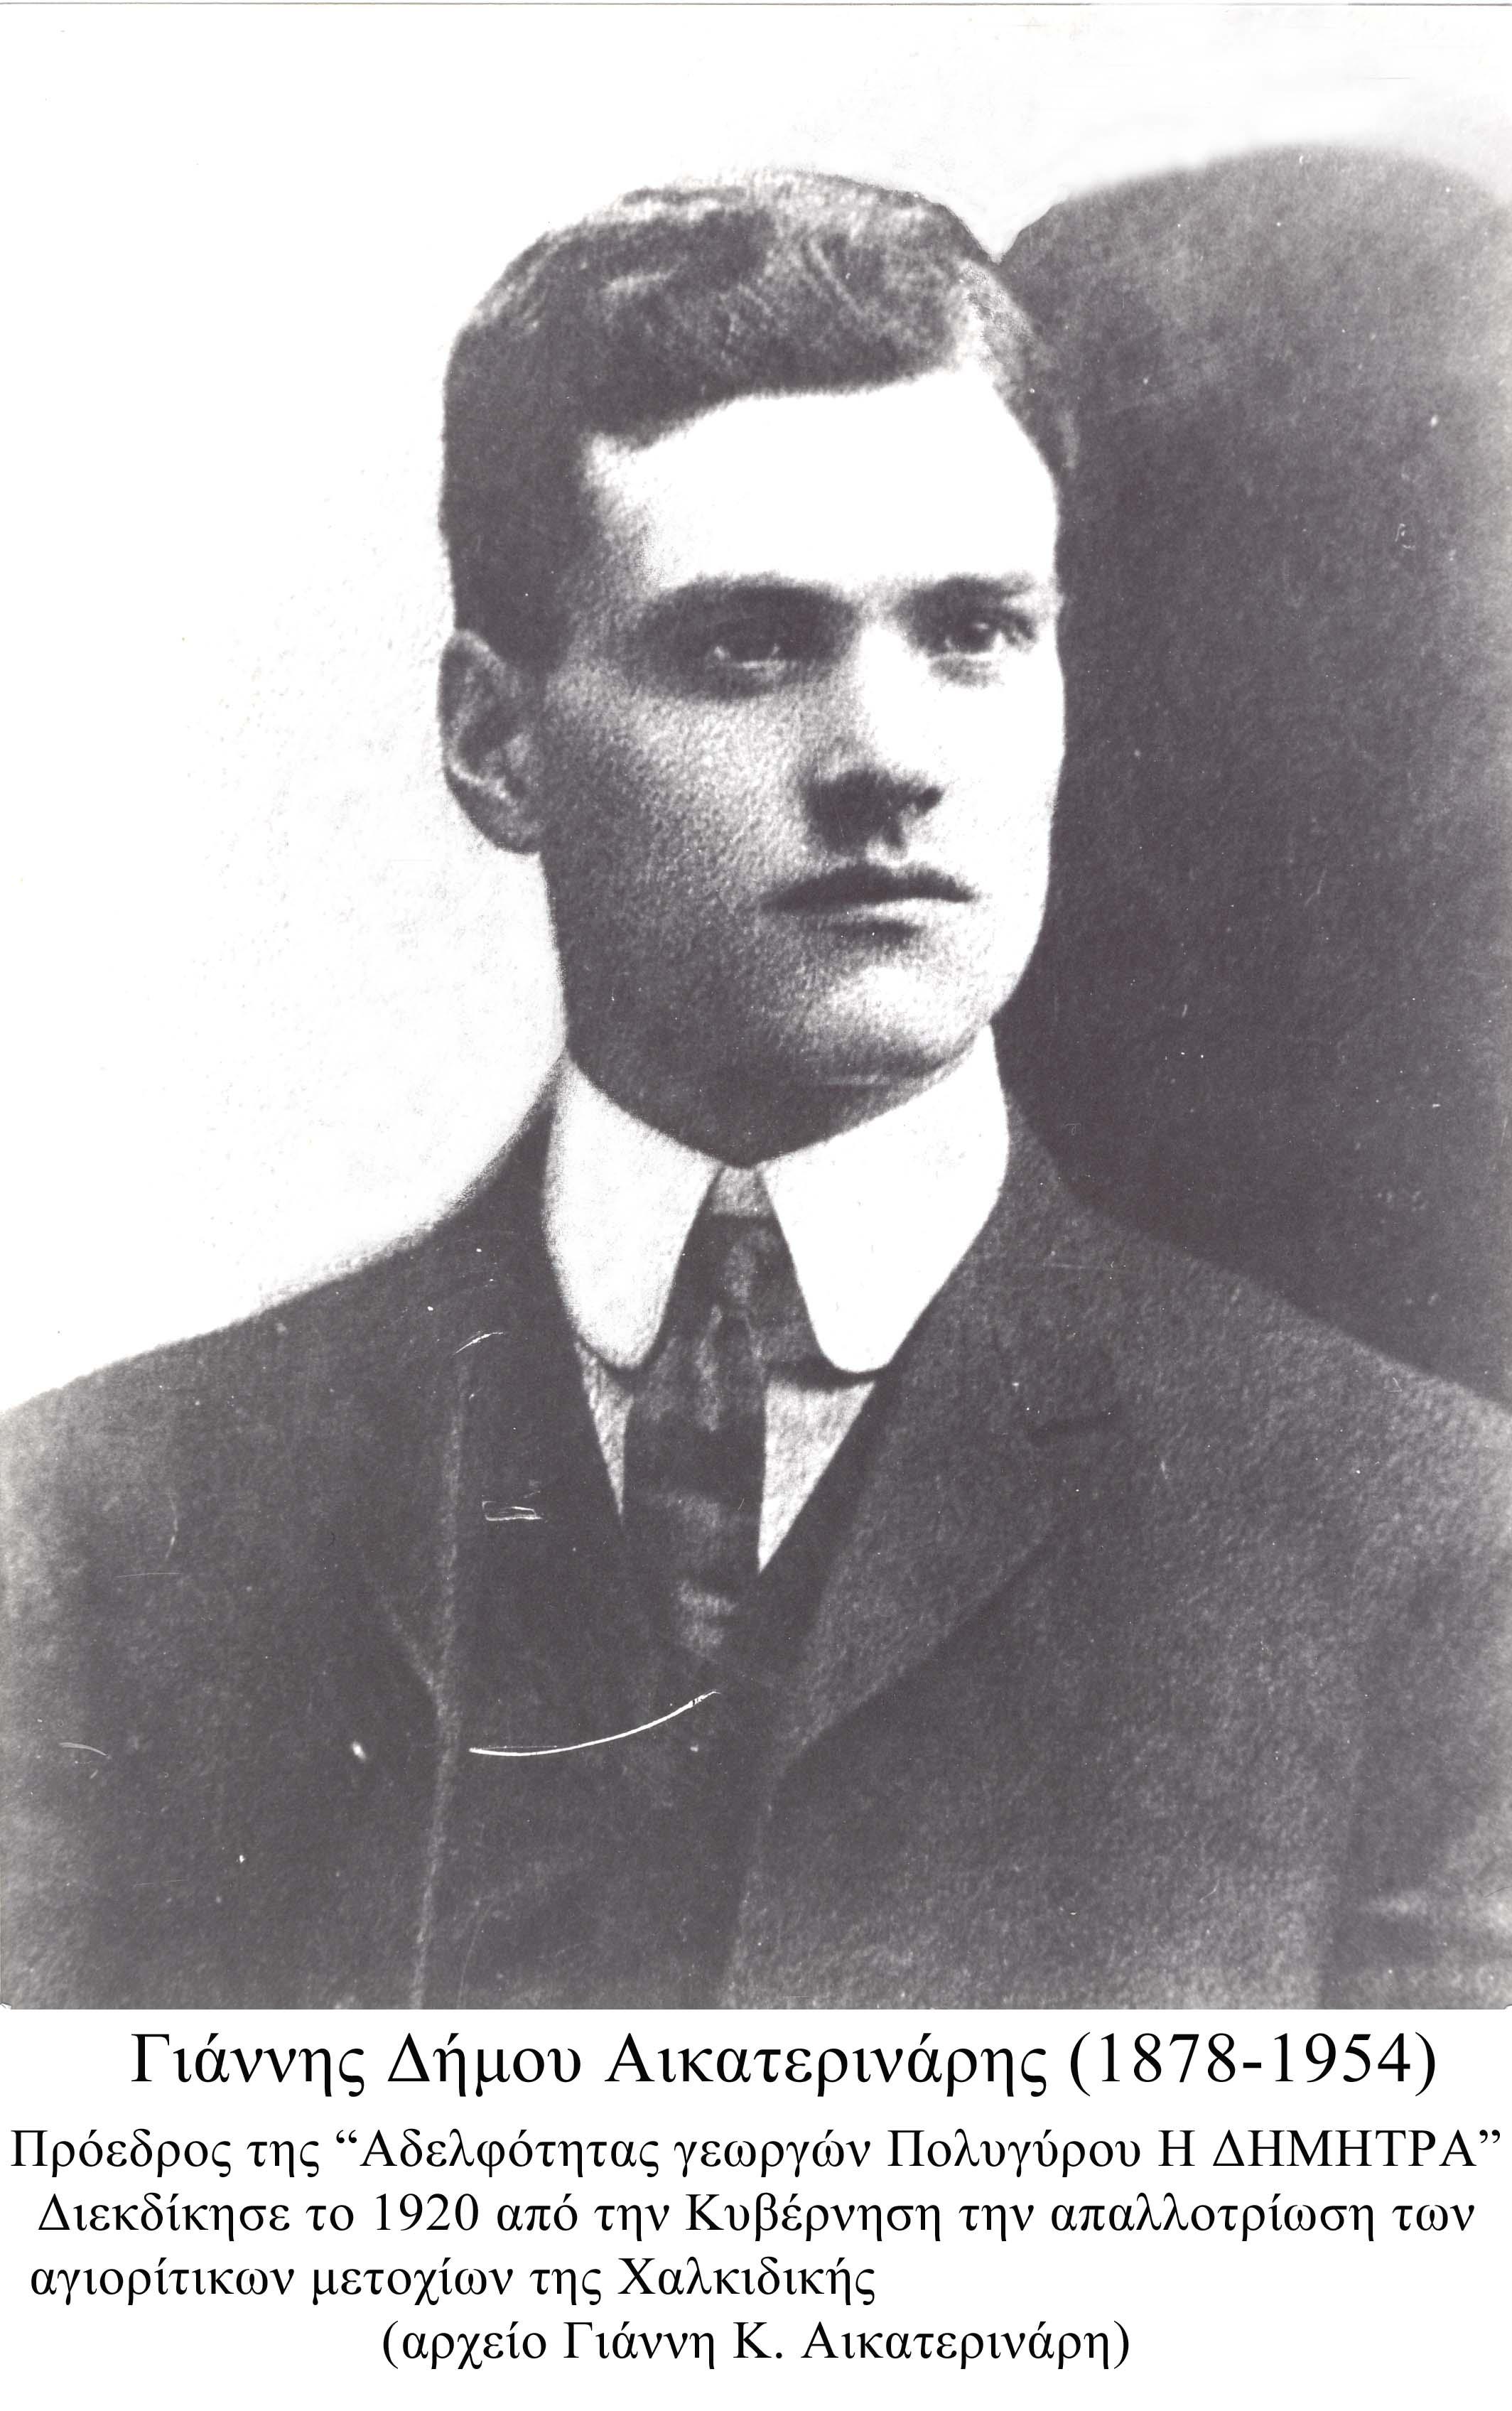 Ο Γιάννης Δ. Αικατερινάρης (1878-1954)